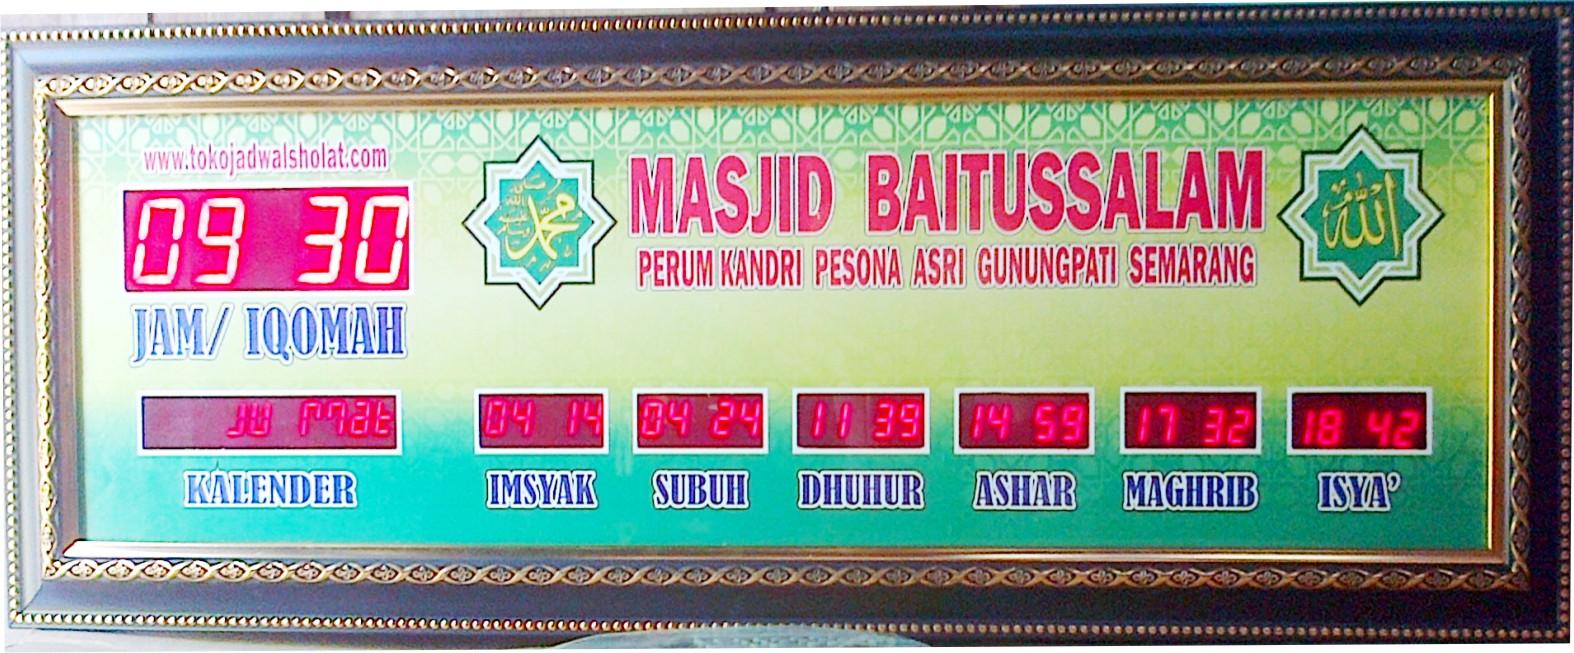 Pusat Produksi Jam Jadwal Sholat Digital Running Text Controller P10 Wifi Android Dinding Untuk Masjid 118 Membuat 46